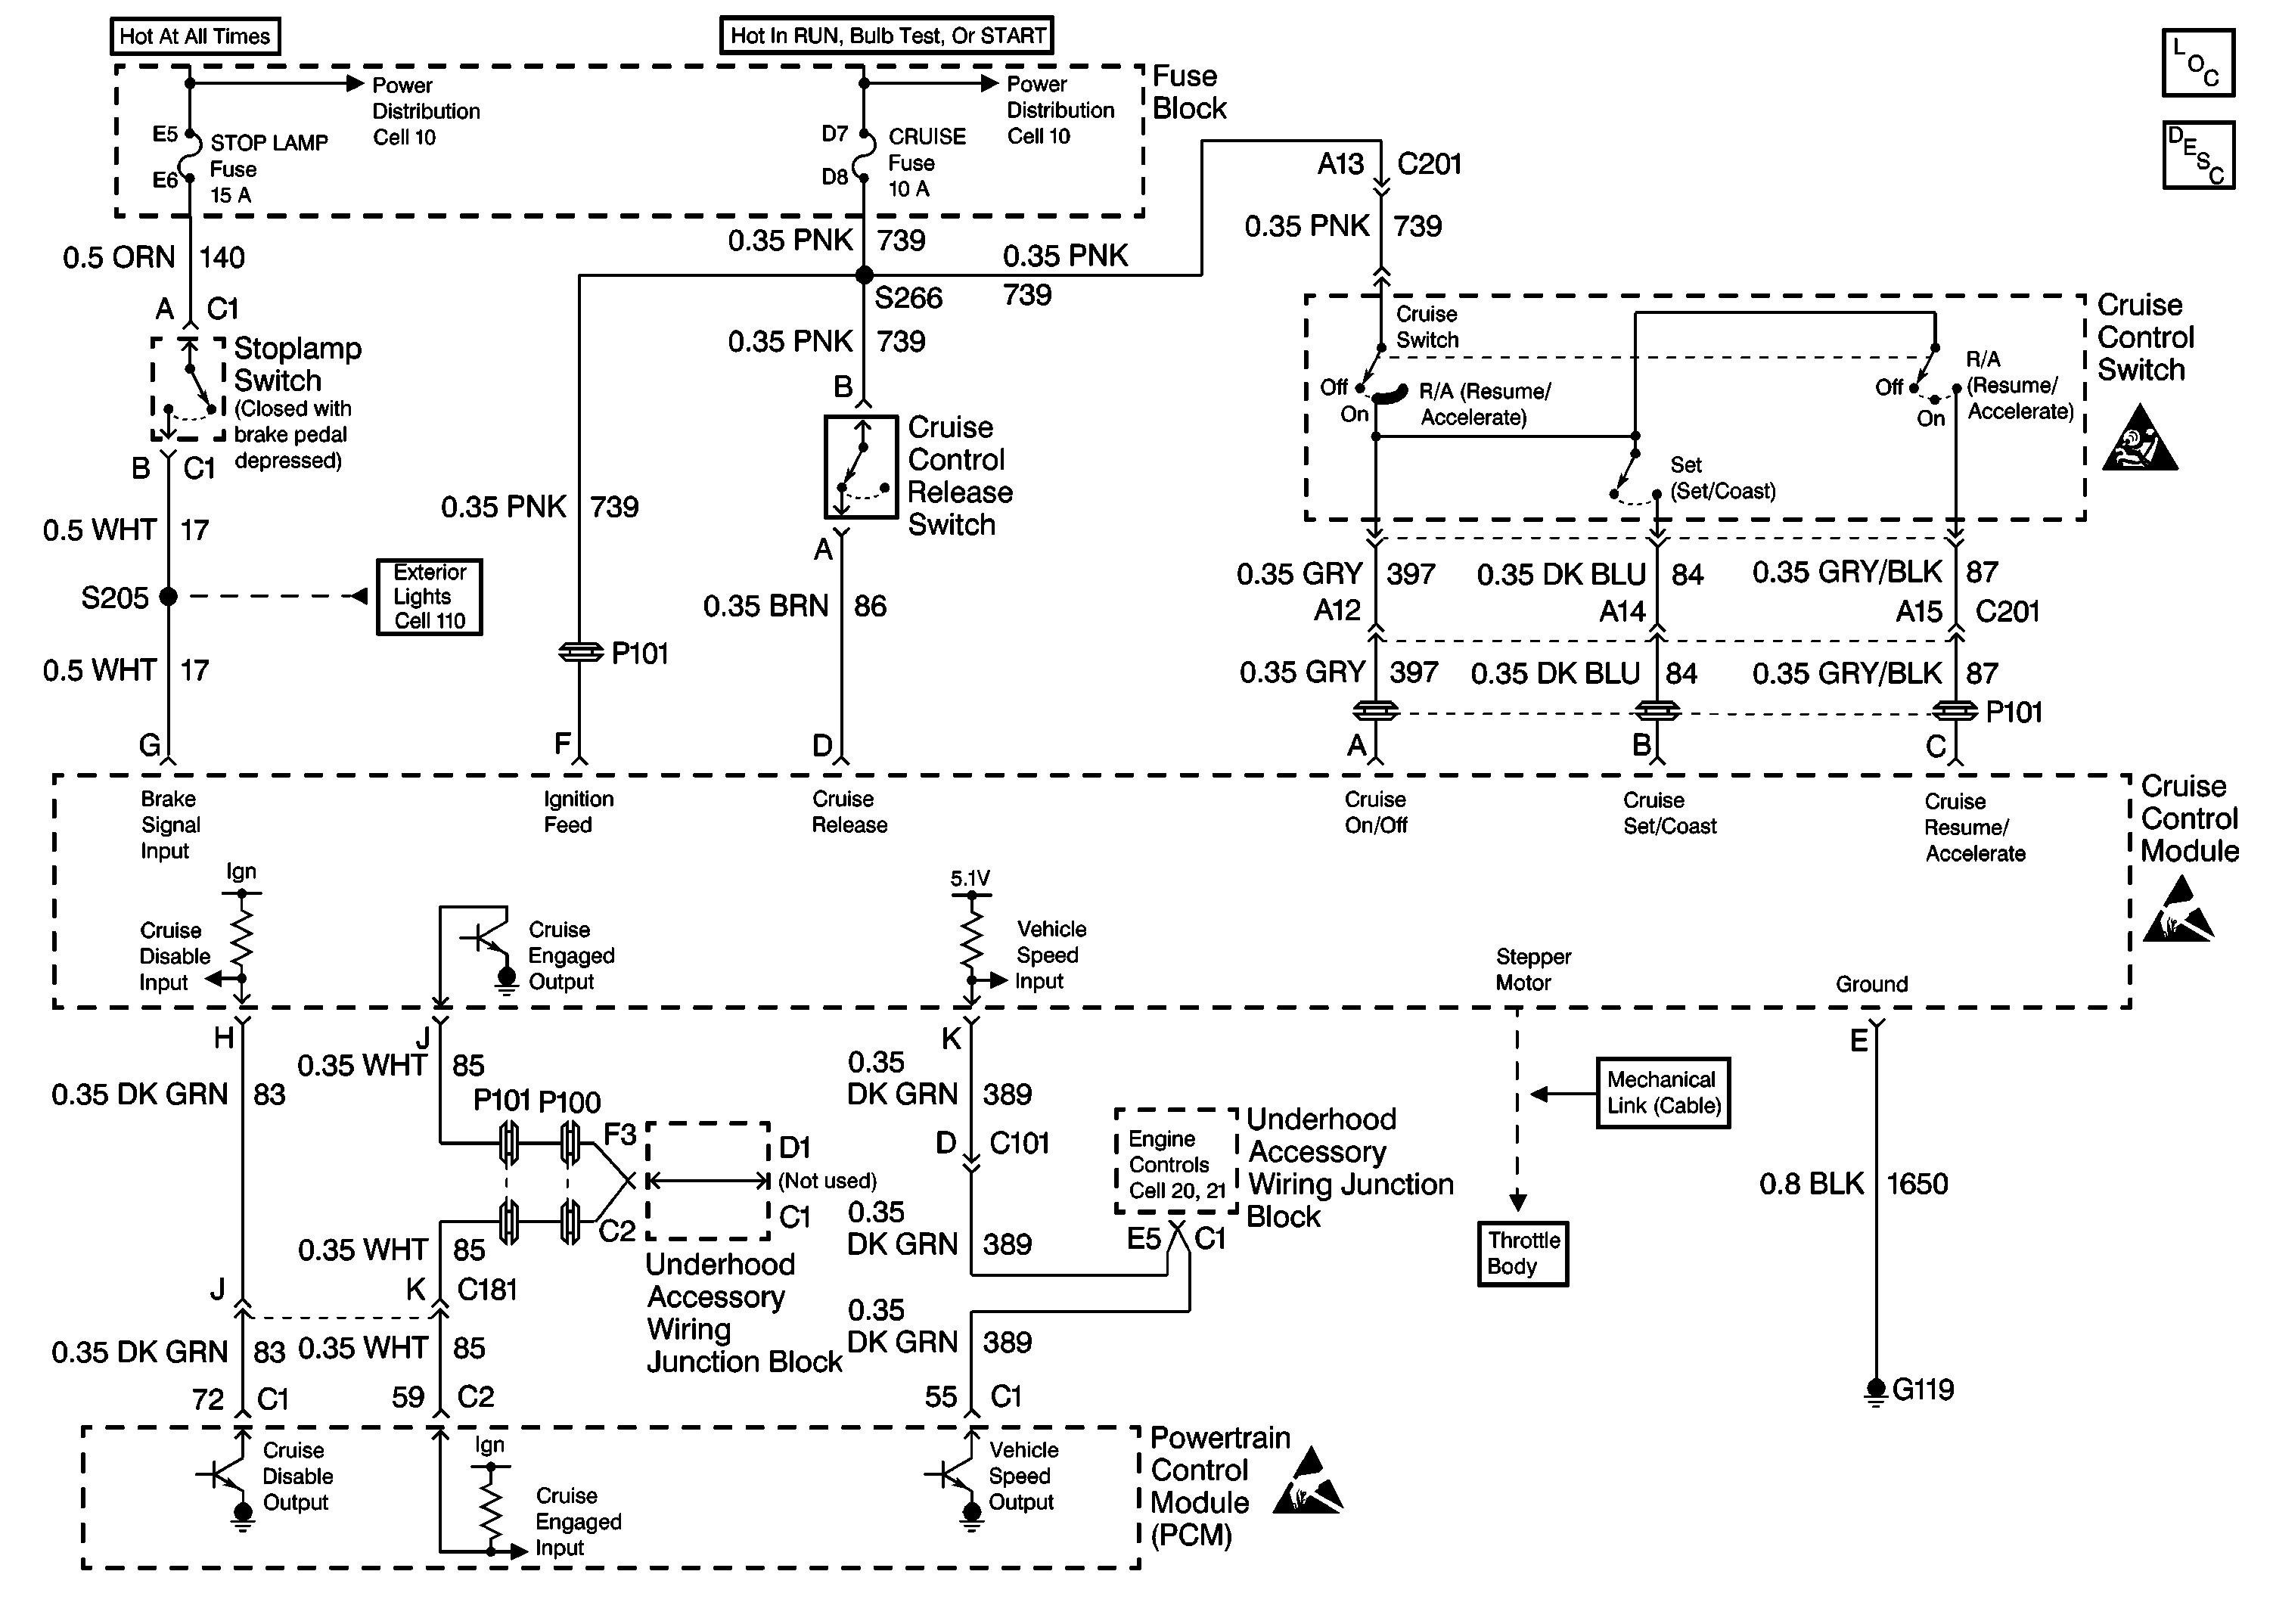 2001 Pontiac Grand Am Engine Diagram Wiring Diagram 2003 Pontiac Grand Am Stereo In at Of 2001 Pontiac Grand Am Engine Diagram